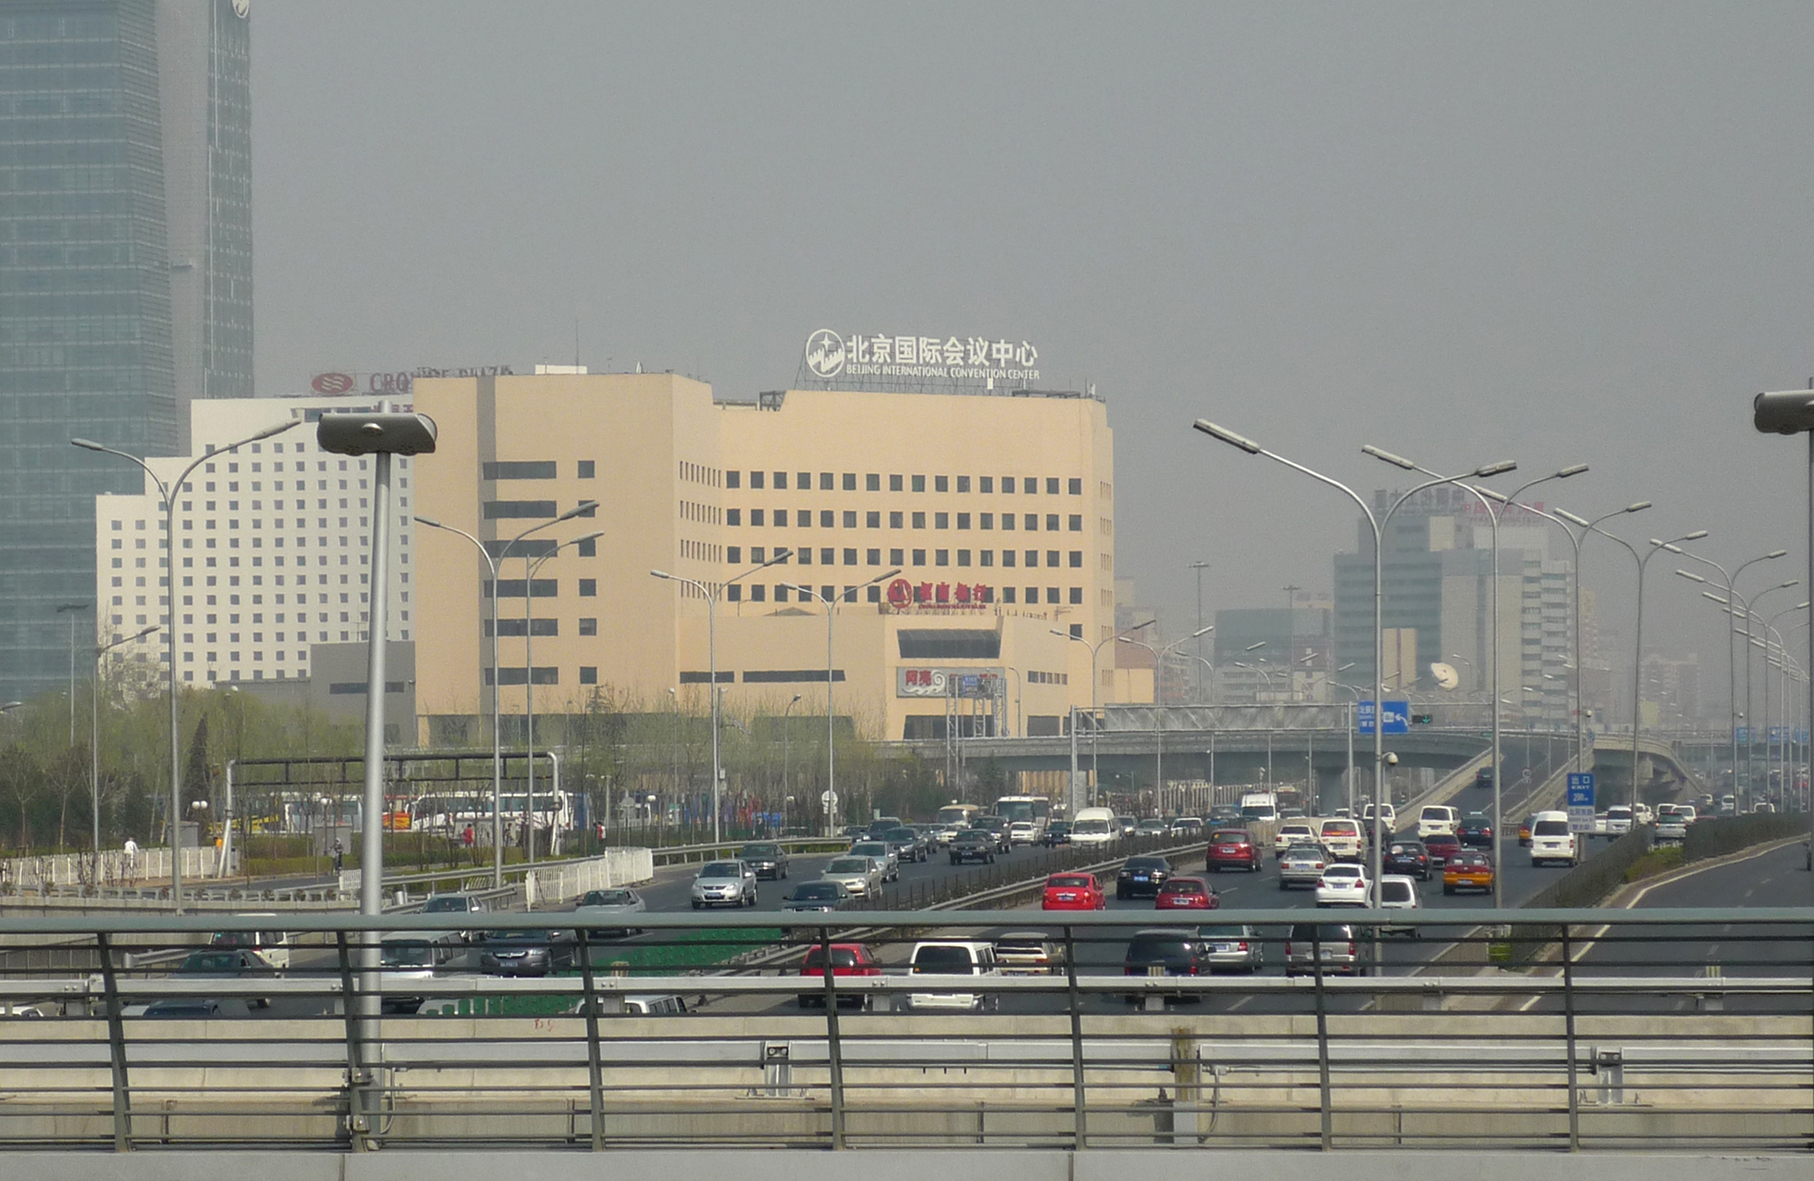 Peking zählt zu den Megacities mit den größten Problemen bei der Luftqualität weltweit. Der zunehmende Autoverkehr ist eine von vielen Ursachen dafür. Foto: Bettina Nekat/TROPOS